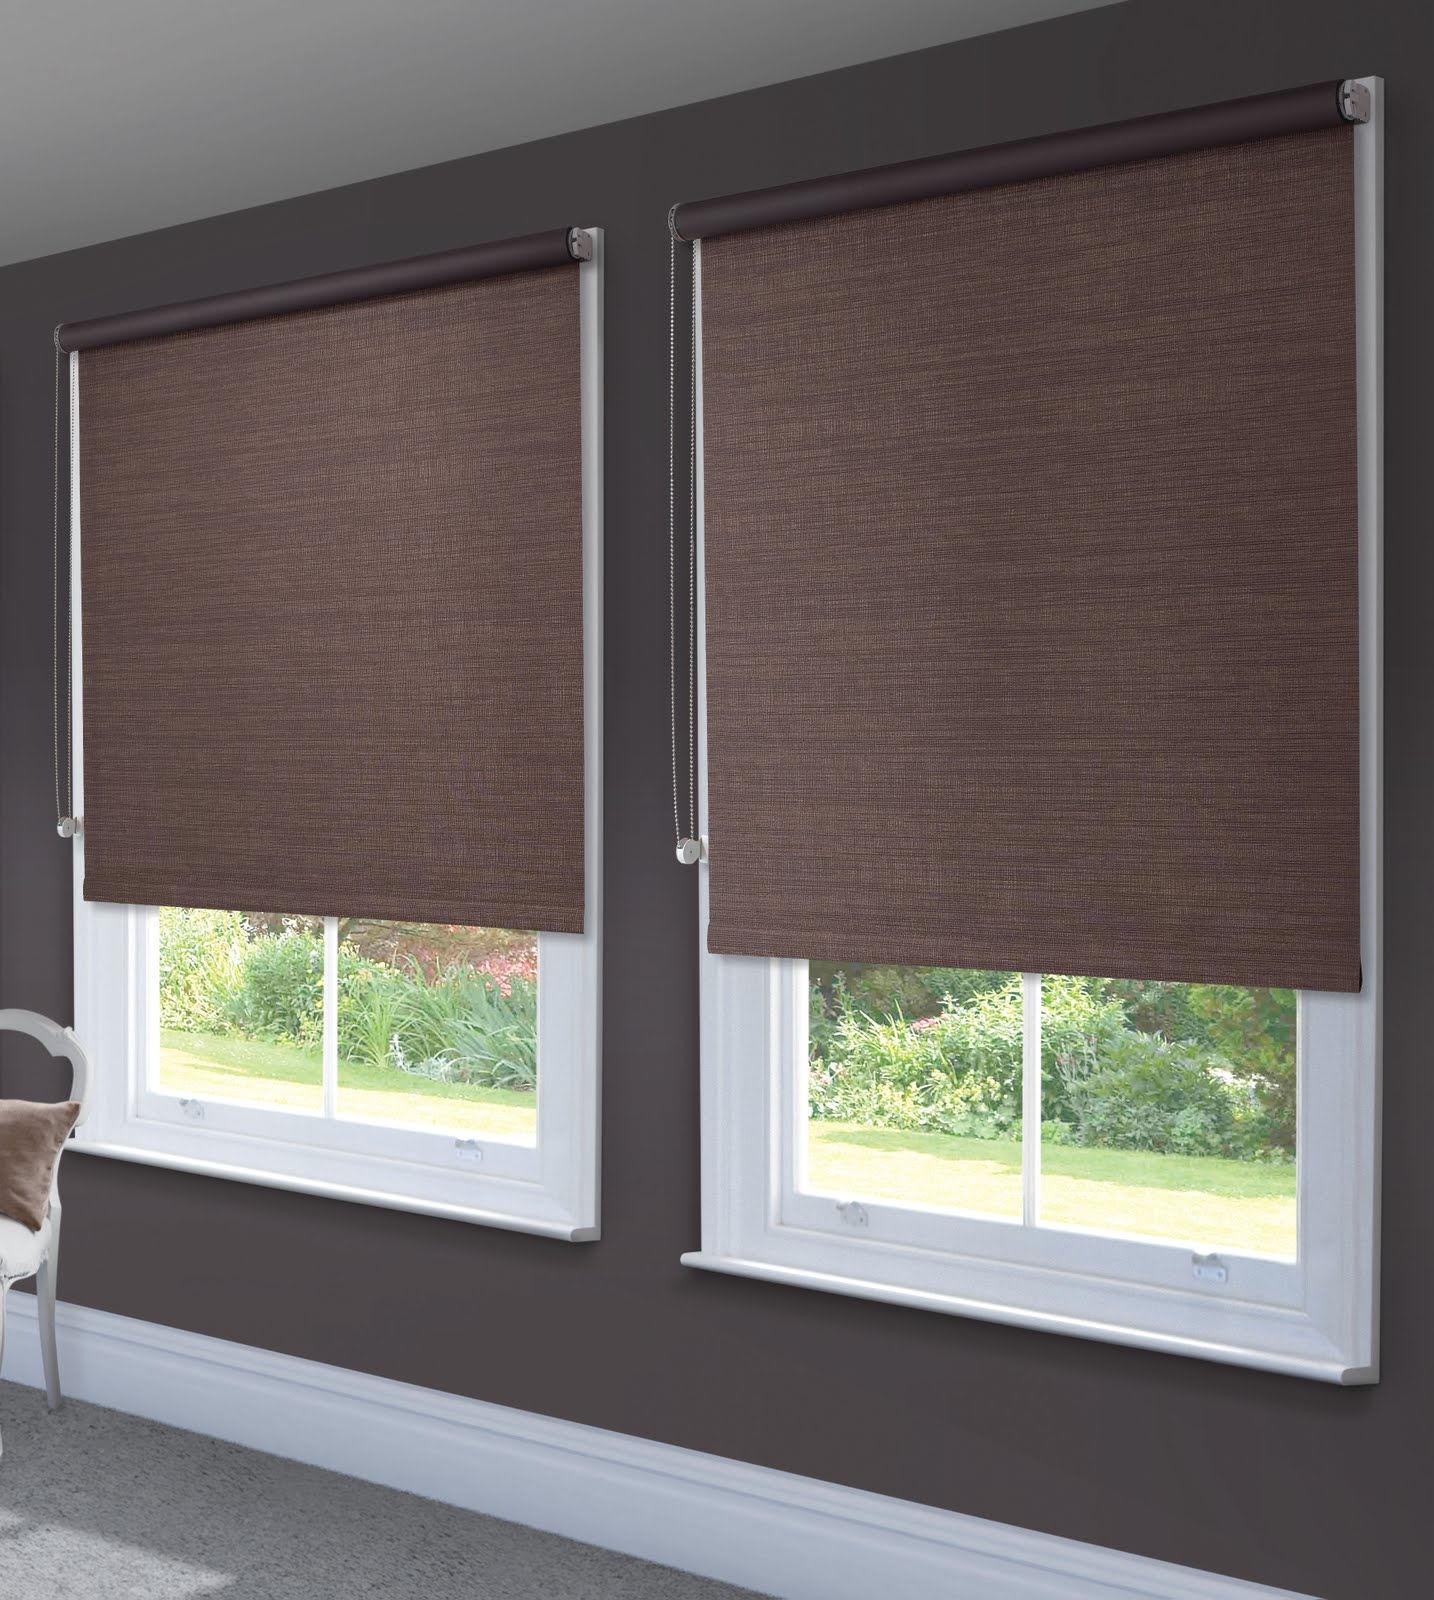 Использование рулонных штор различной конструкции на пластиковых окнах